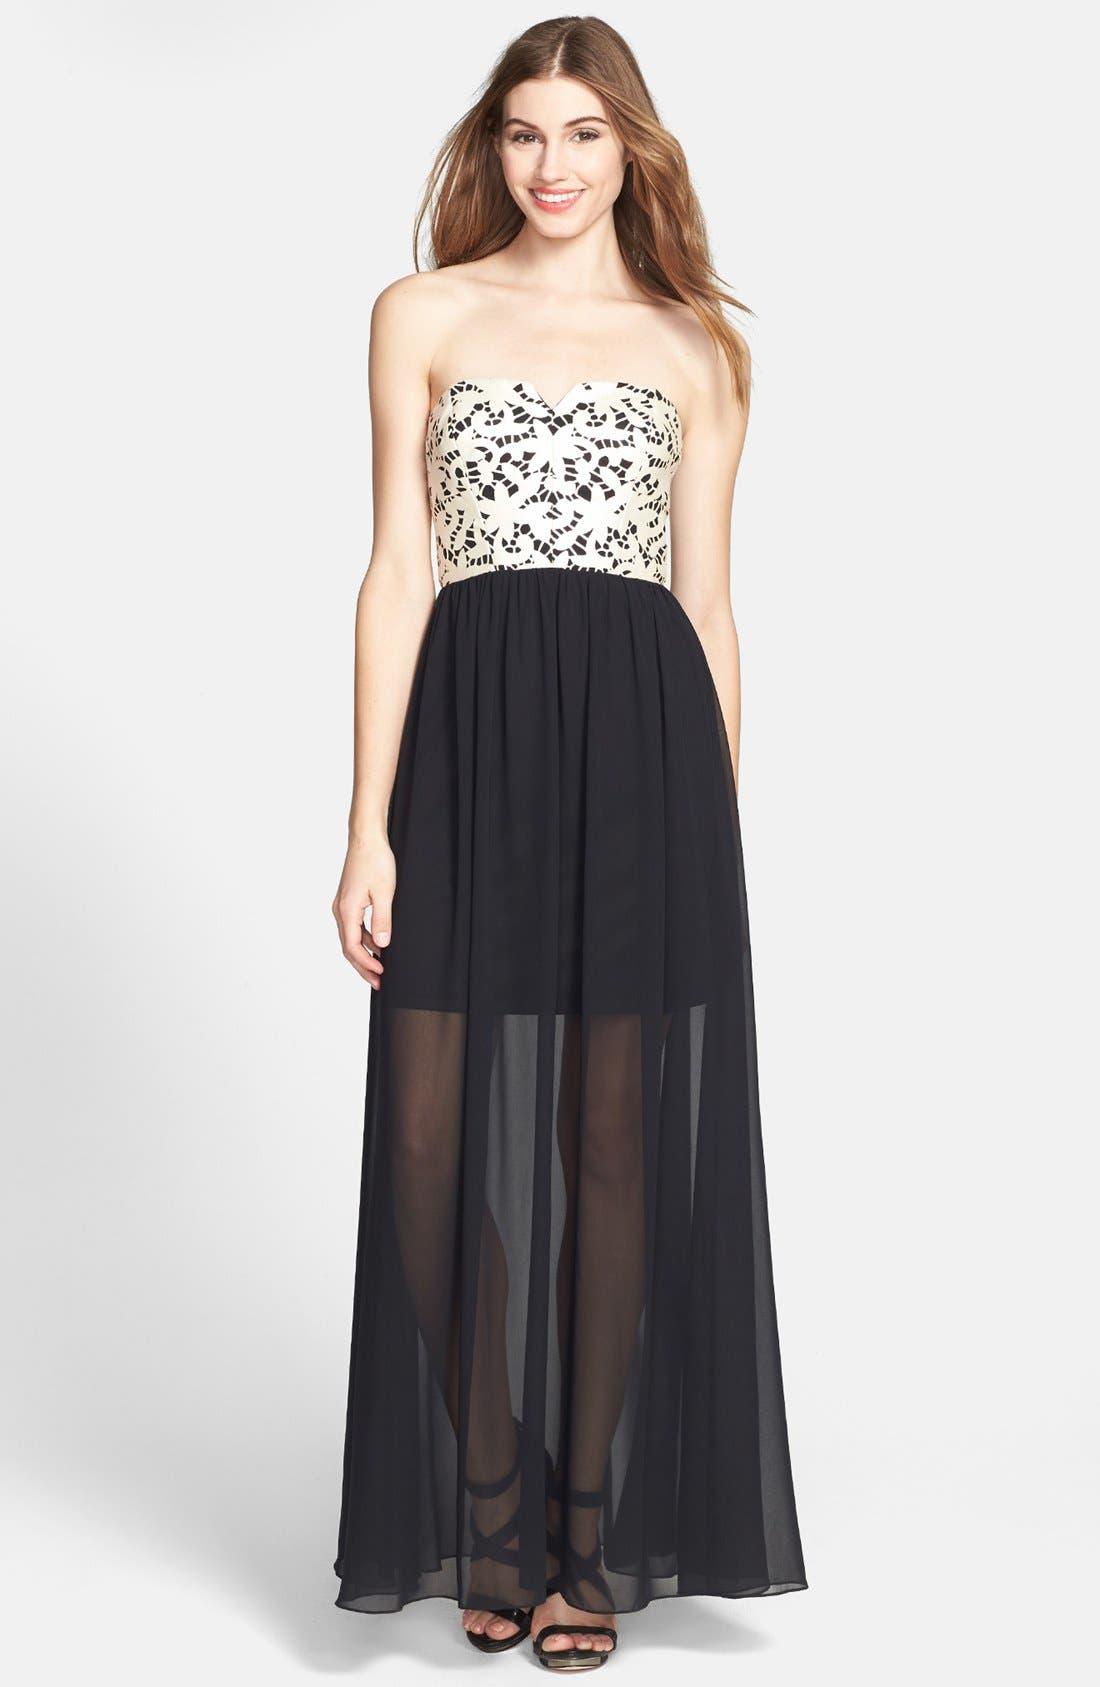 Main Image - Betsey Johnson Laser Cut Faux Leather & Chiffon Maxi Dress